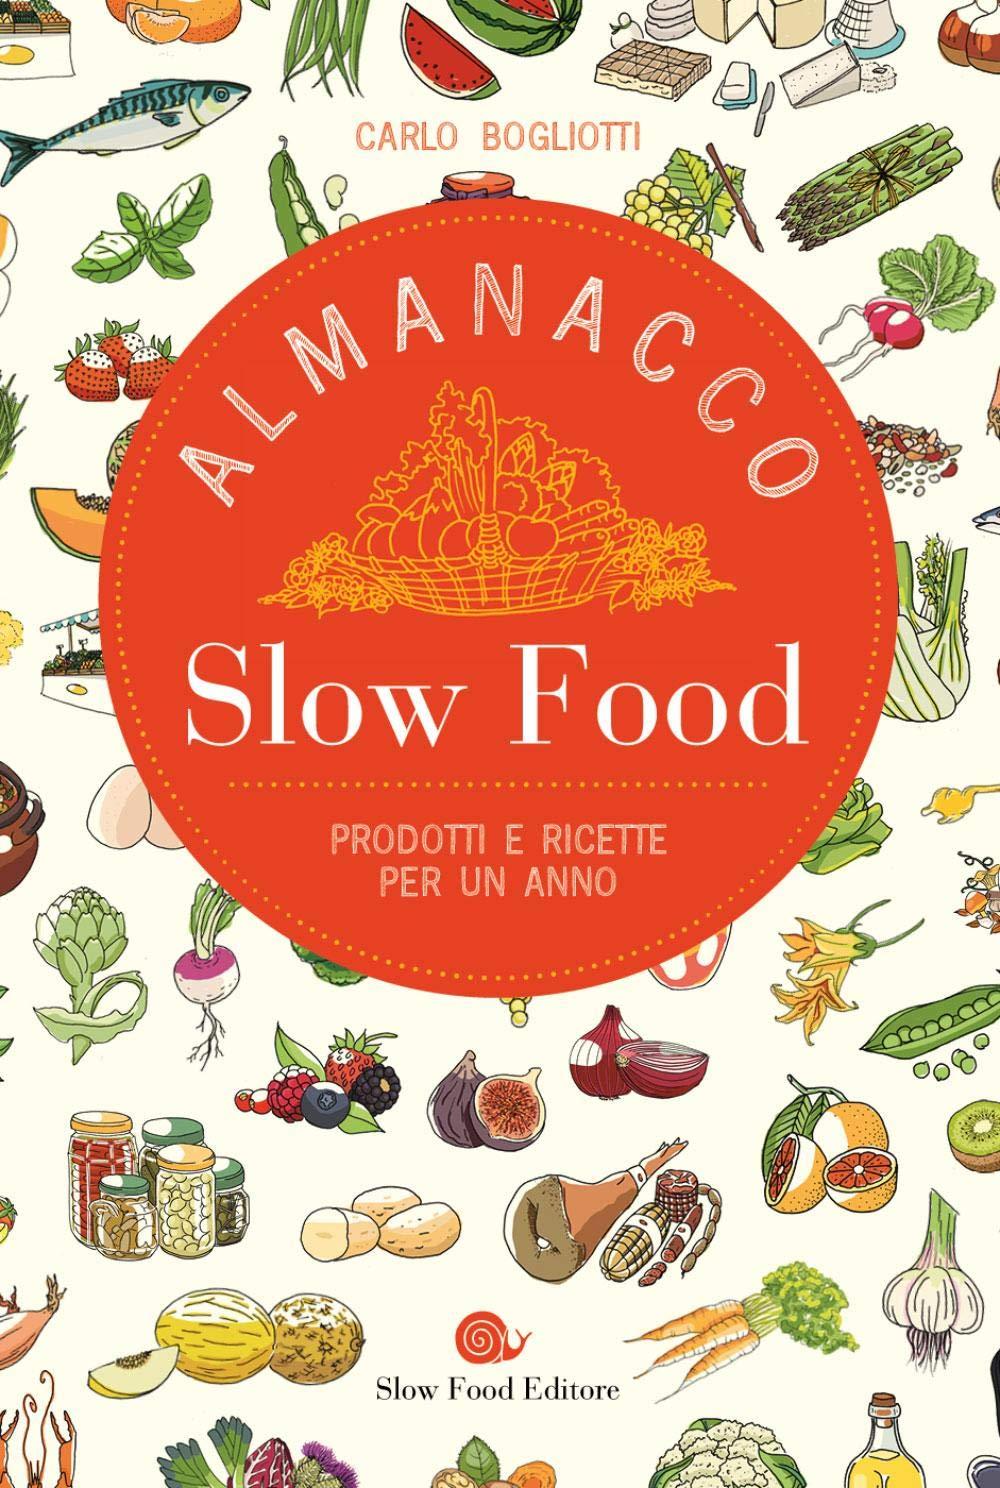 Recensione di Almanacco Slow Food – Carlo Bogliotti